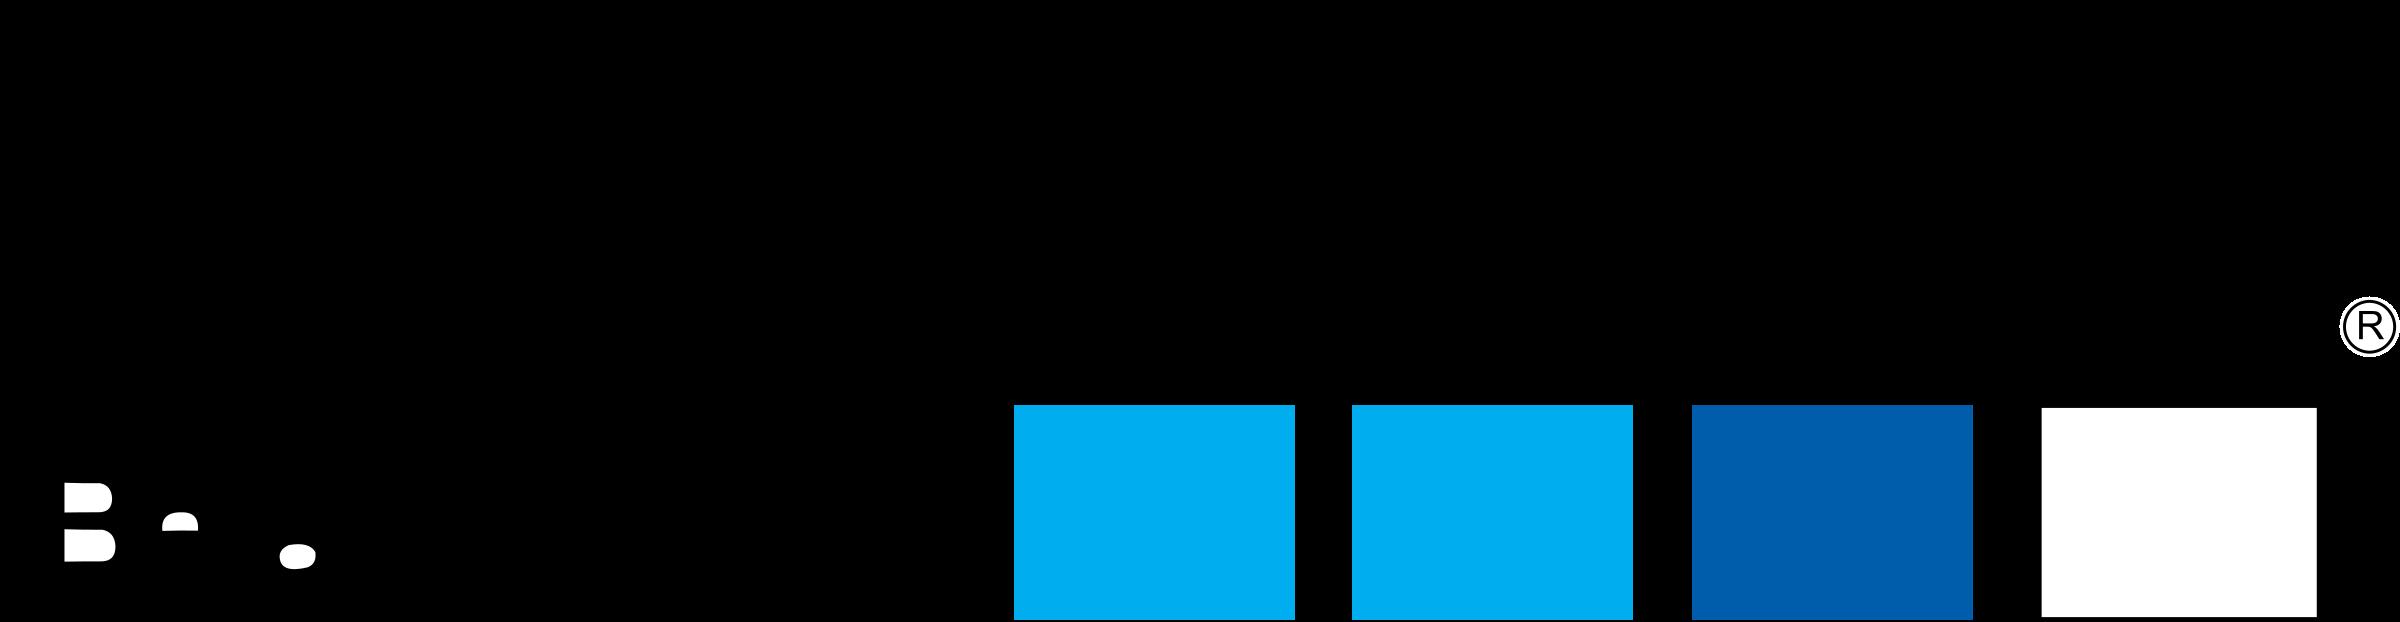 GoPro Hero Logo PNG Transparent & SVG Vector.